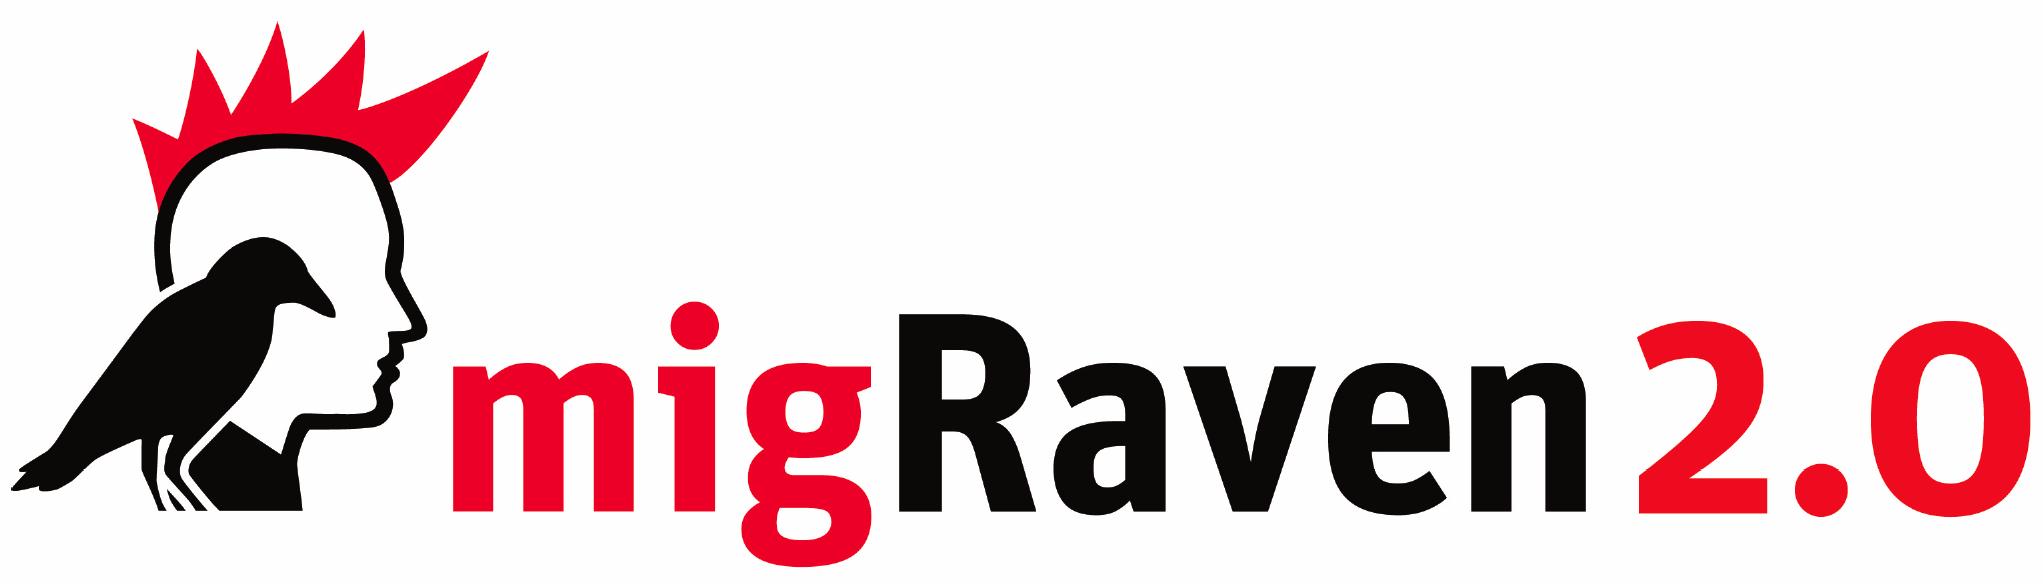 migRaven 2.0 - das neue Multifunktionstool für Visualisierung, Redesign und Migration von NTFS Verzeichnis- und Berechtigungsstrukturen